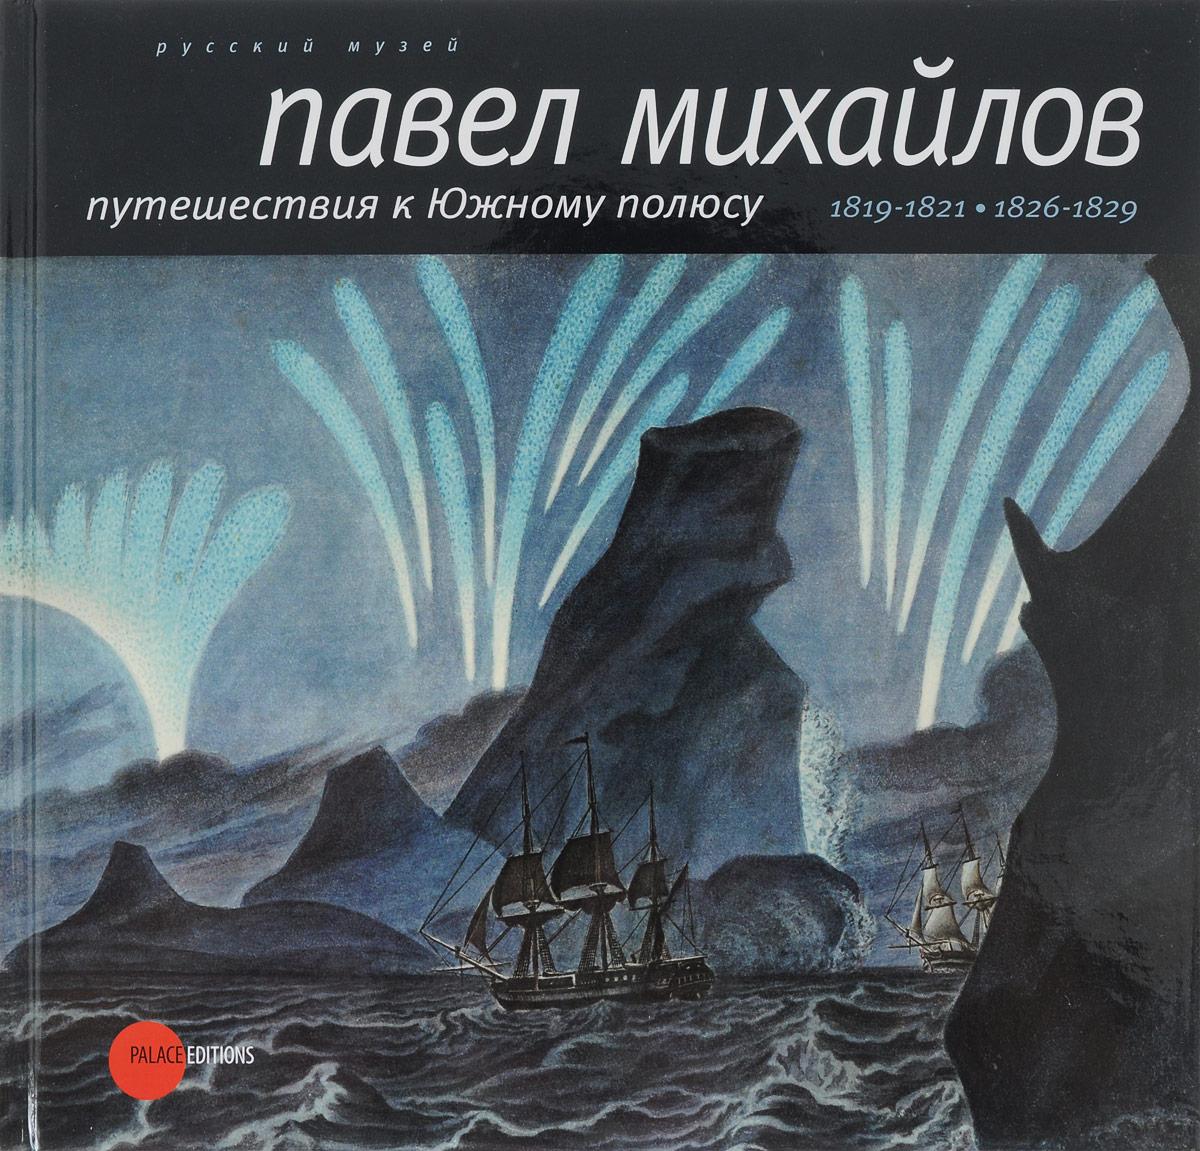 Ирина Афанасьева Павел Михайлов, 1786-1840. Путешествия к Южному полюсу павел лукницкий путешествия по памиру